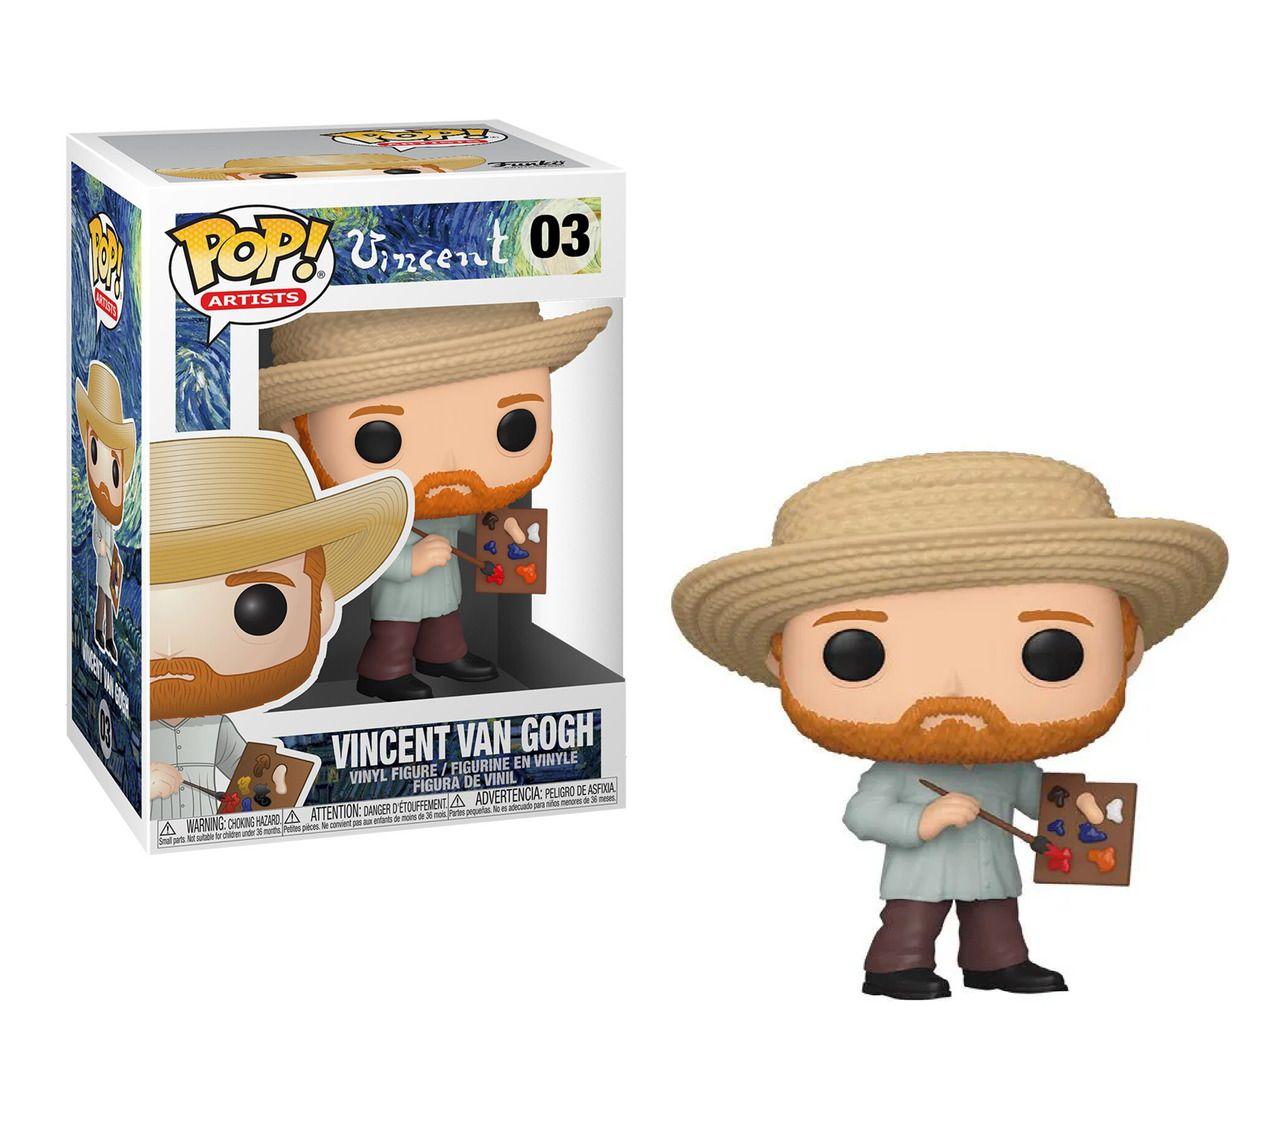 Funko Pop! Vincent Van Gogh: Artists #03 - Funko